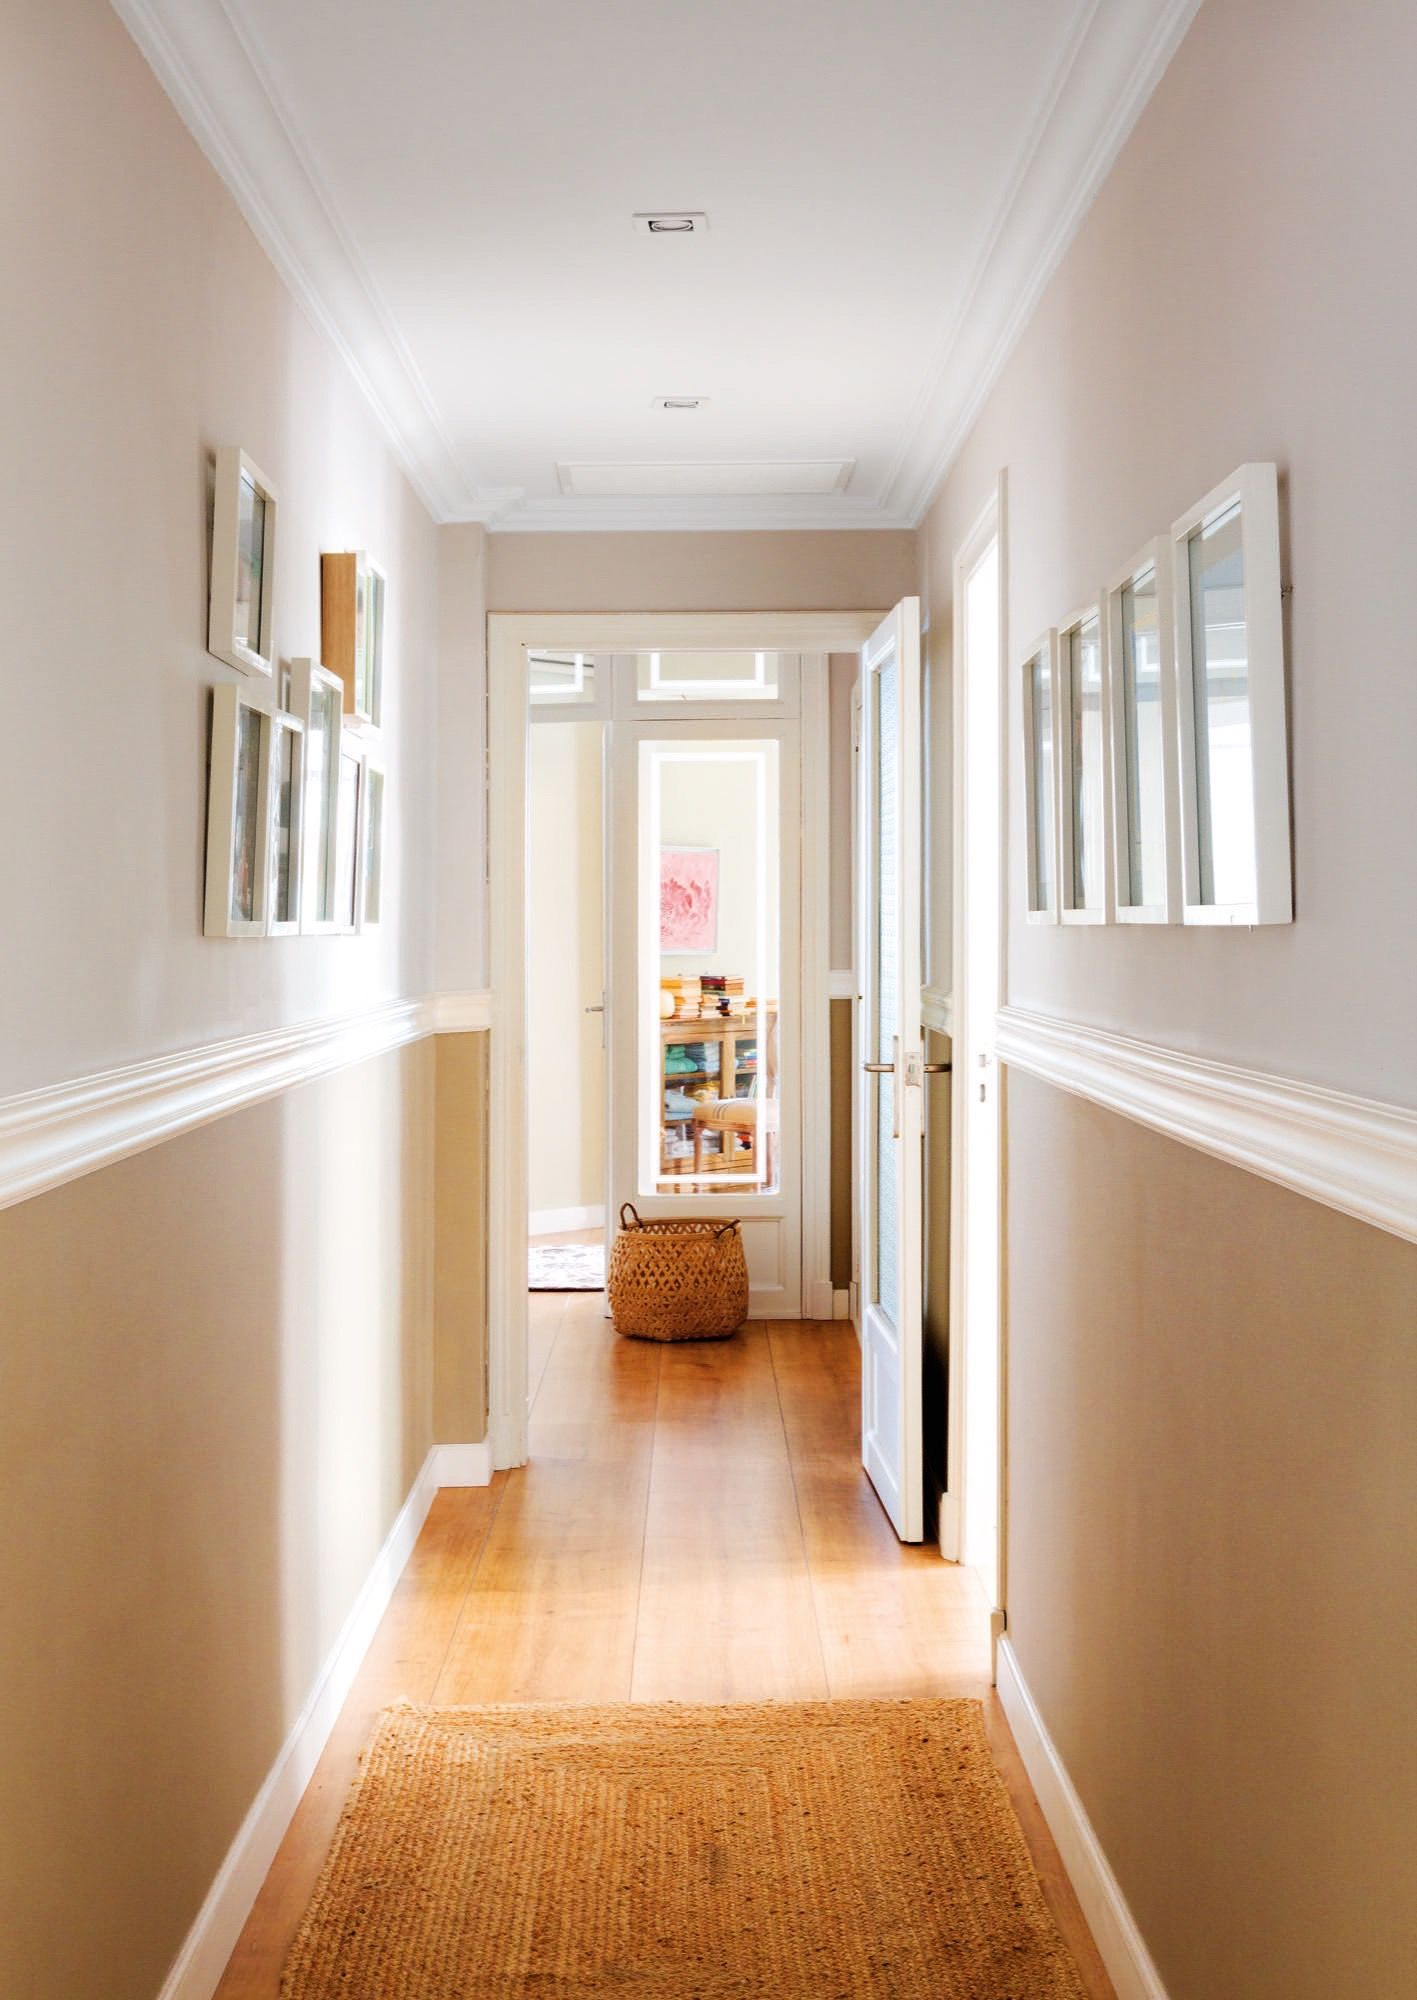 En el pasillo en 2019 decoraci n casa pinterest huse - Fotos de recibidores de pisos ...